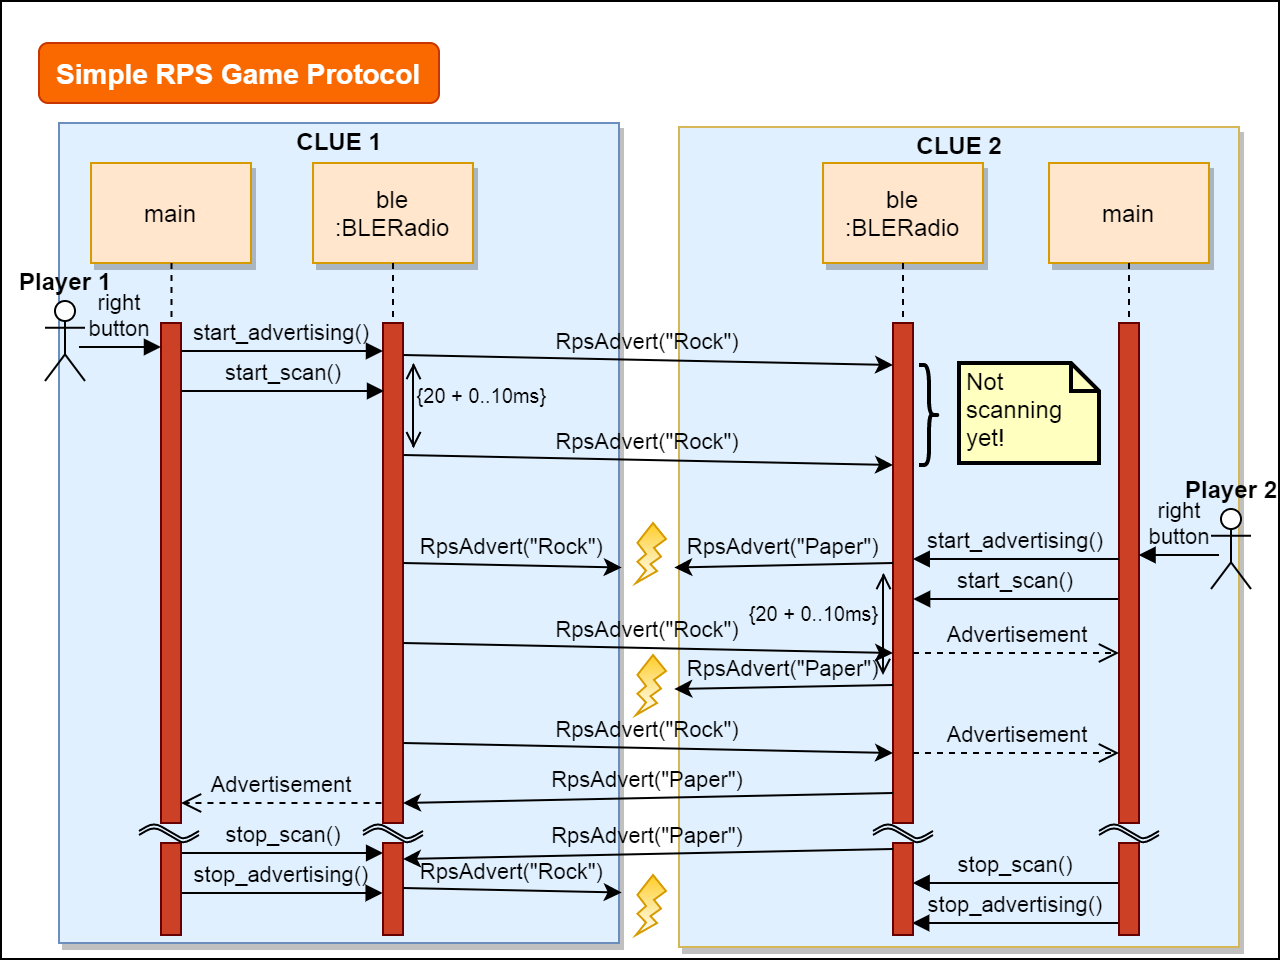 circuitpython_simple-rpsgame-protocol-v5.png